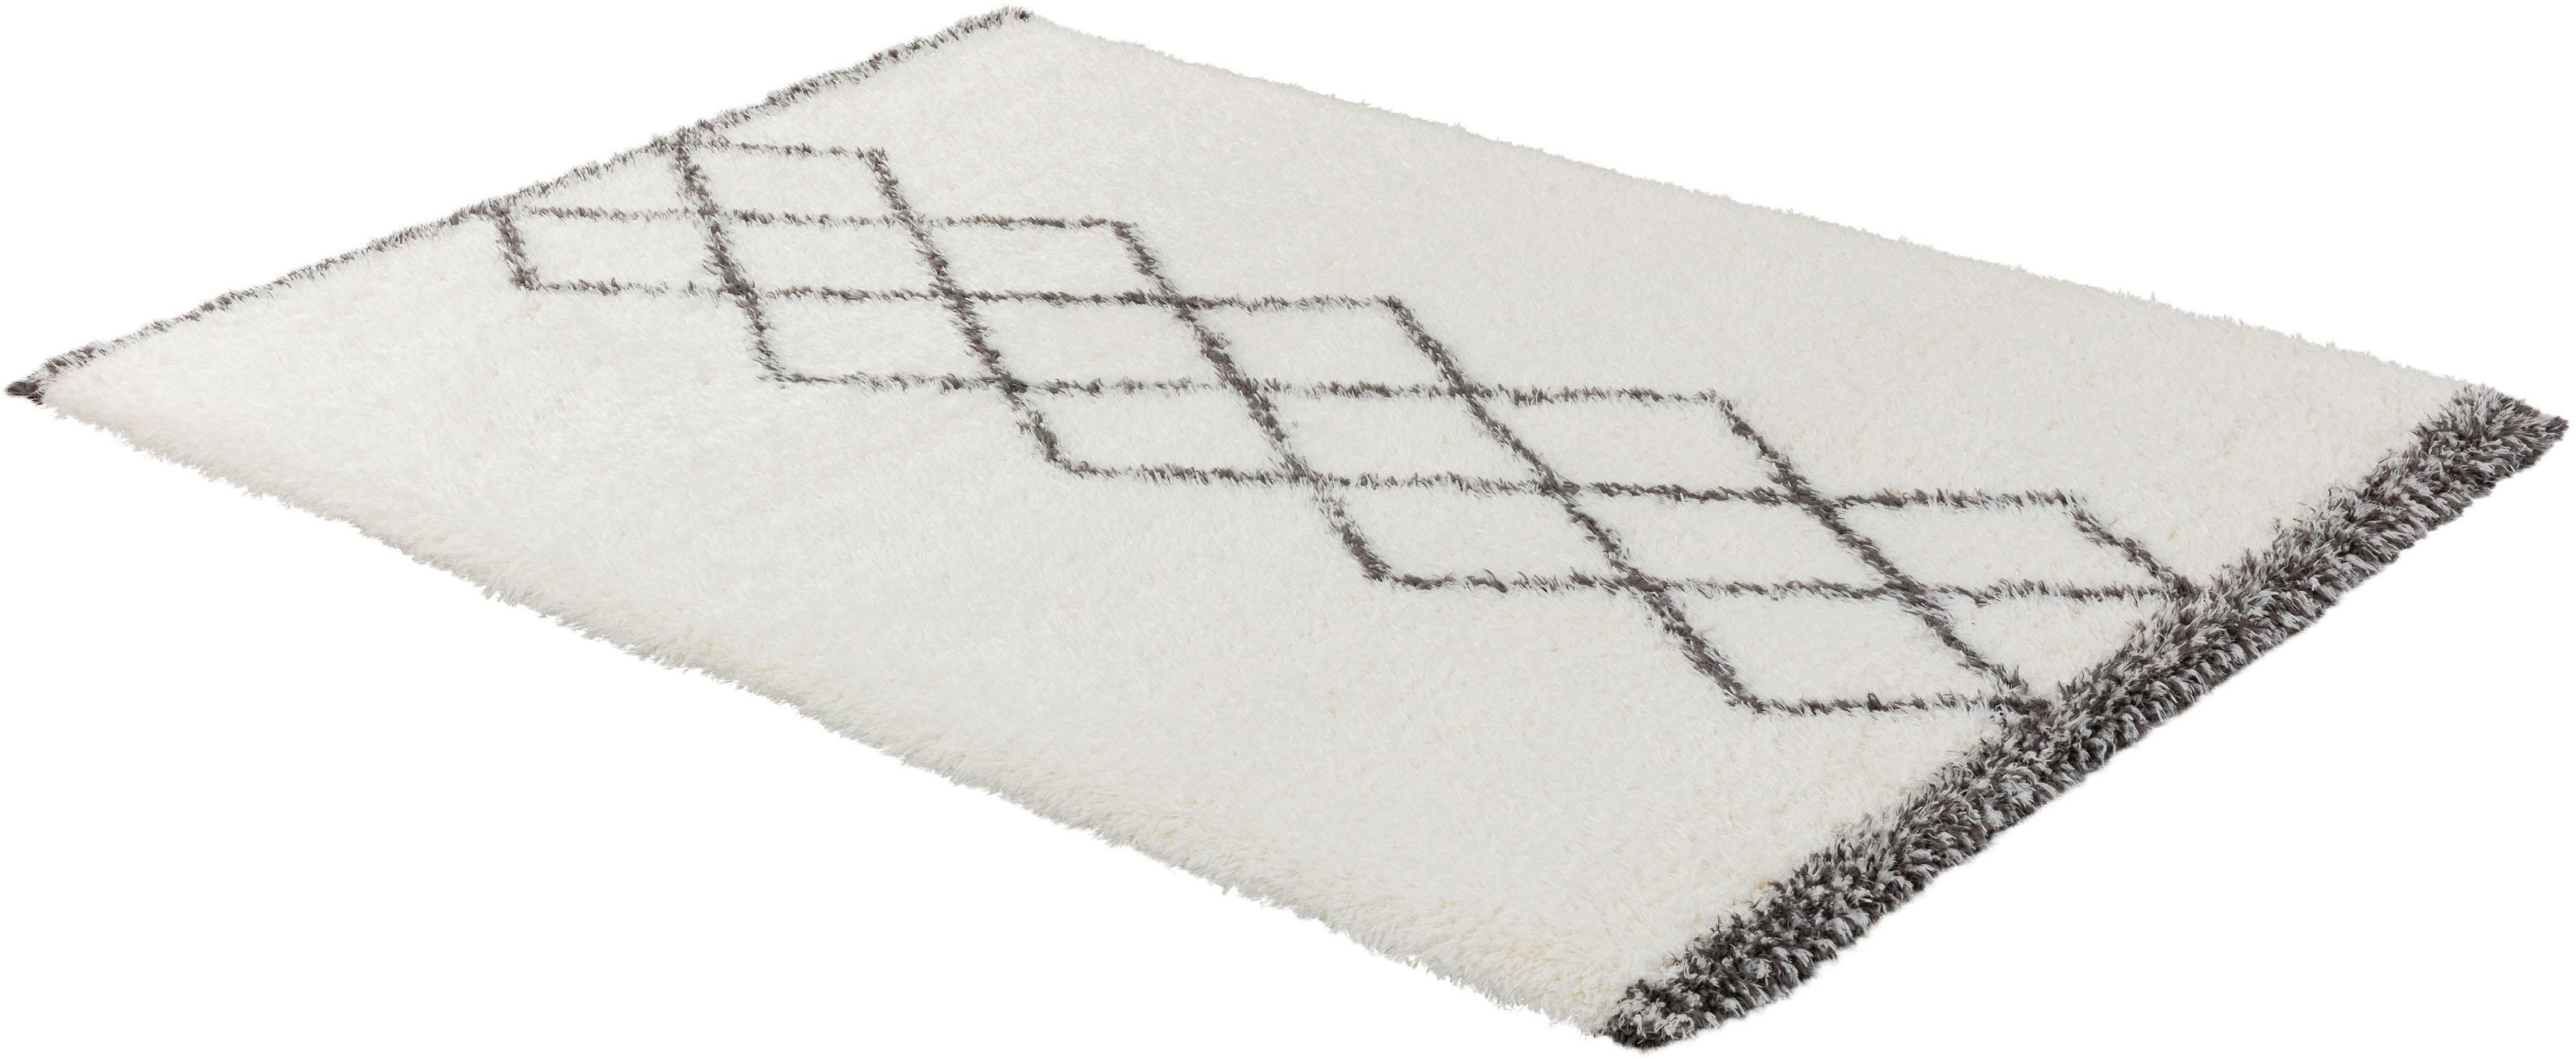 Hochflor-Teppich Aversa 194 ASTRA rechteckig Höhe 45 mm maschinell gewebt